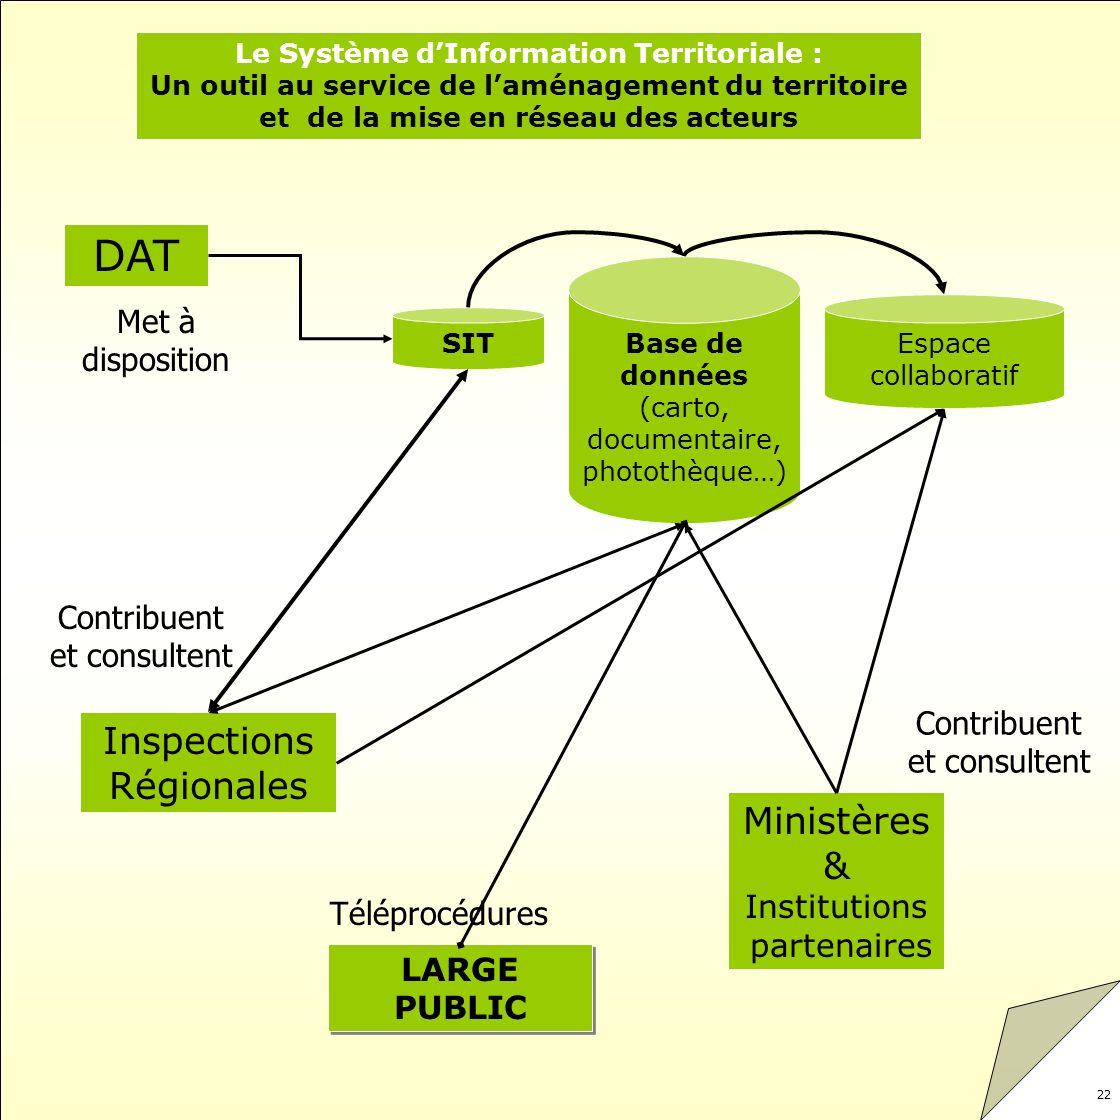 22 DAT SIT Base de données (carto, documentaire, photothèque…) Espace collaboratif Inspections Régionales Ministères & Institutions partenaires LARGE